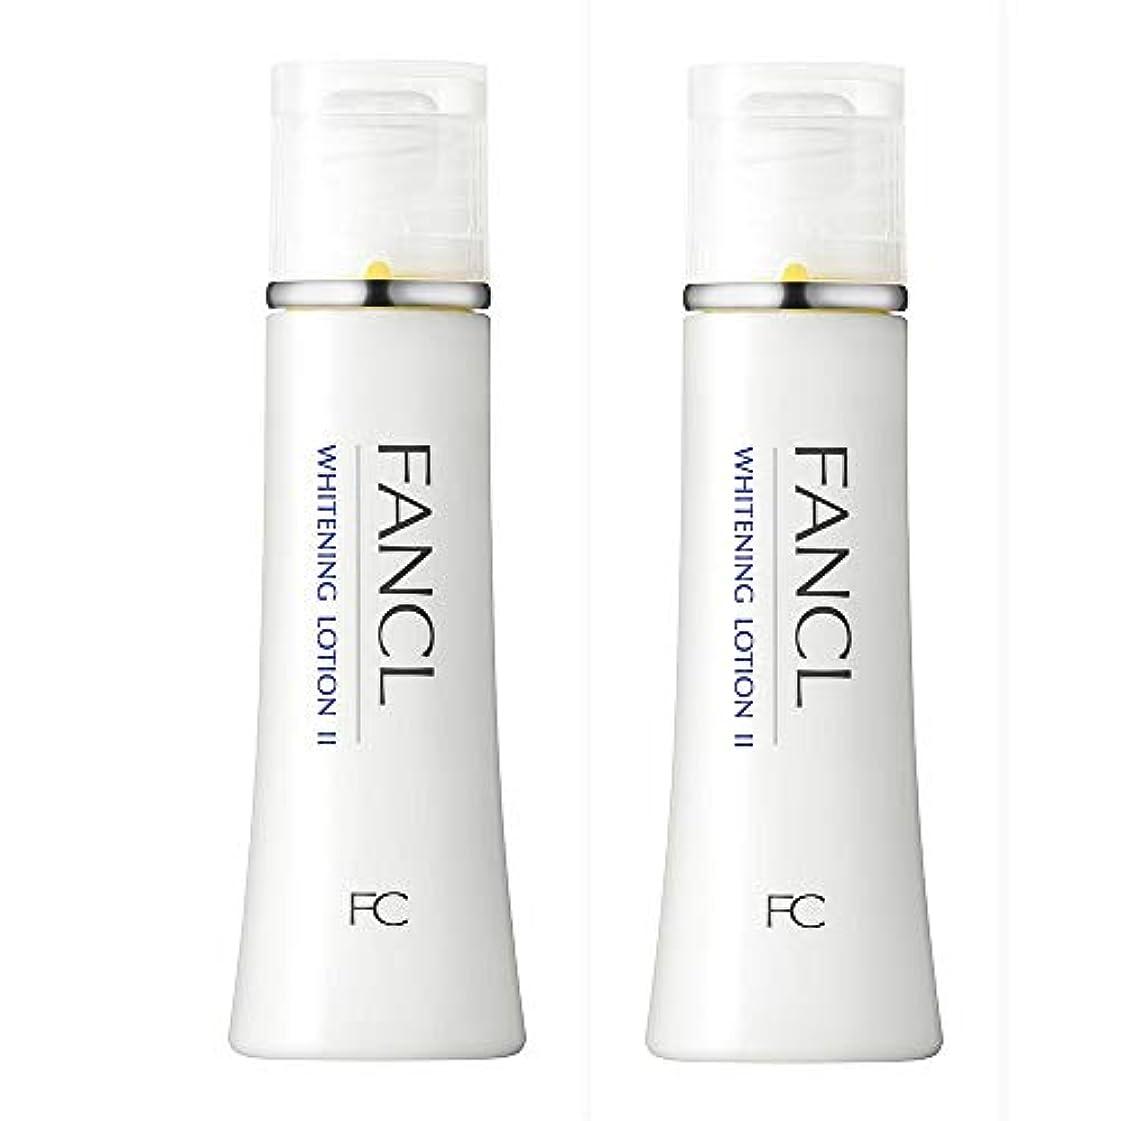 モック冗談でかもめファンケル(FANCL) 新ホワイトニング 化粧液 II しっとり 2本セット<医薬部外品>